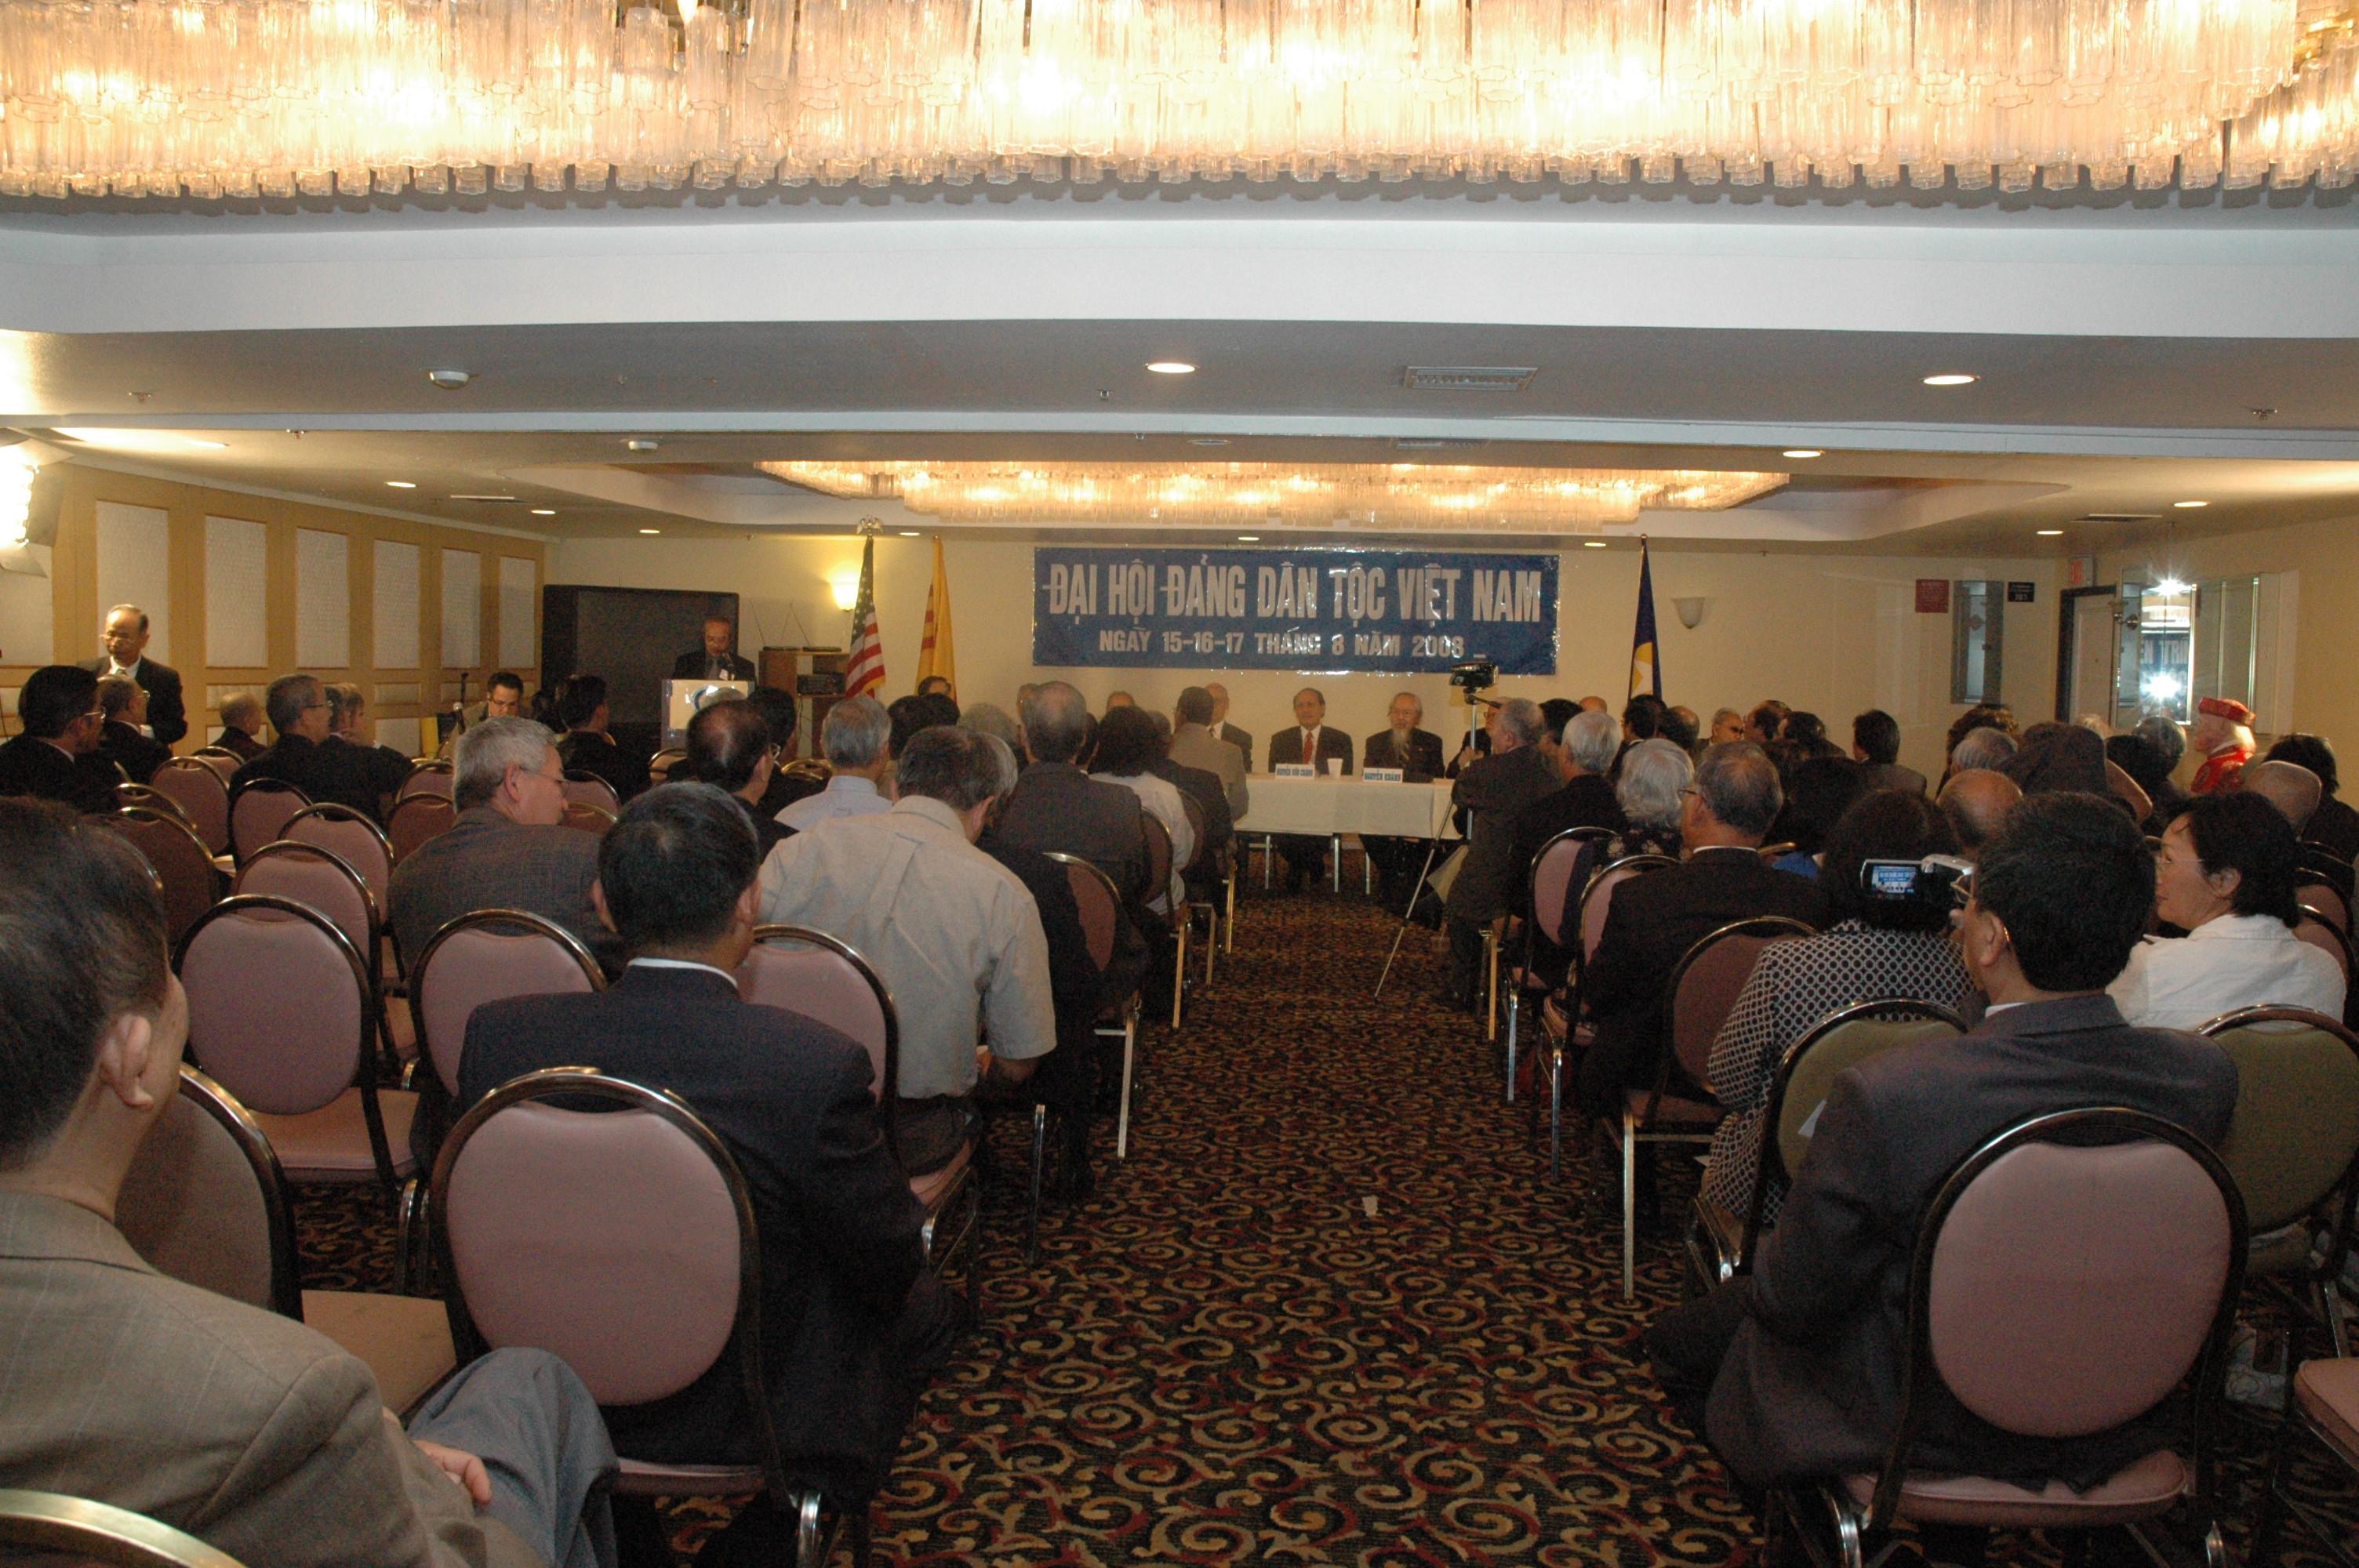 Dai Hoi Dang 15-16-8-2008 (5)